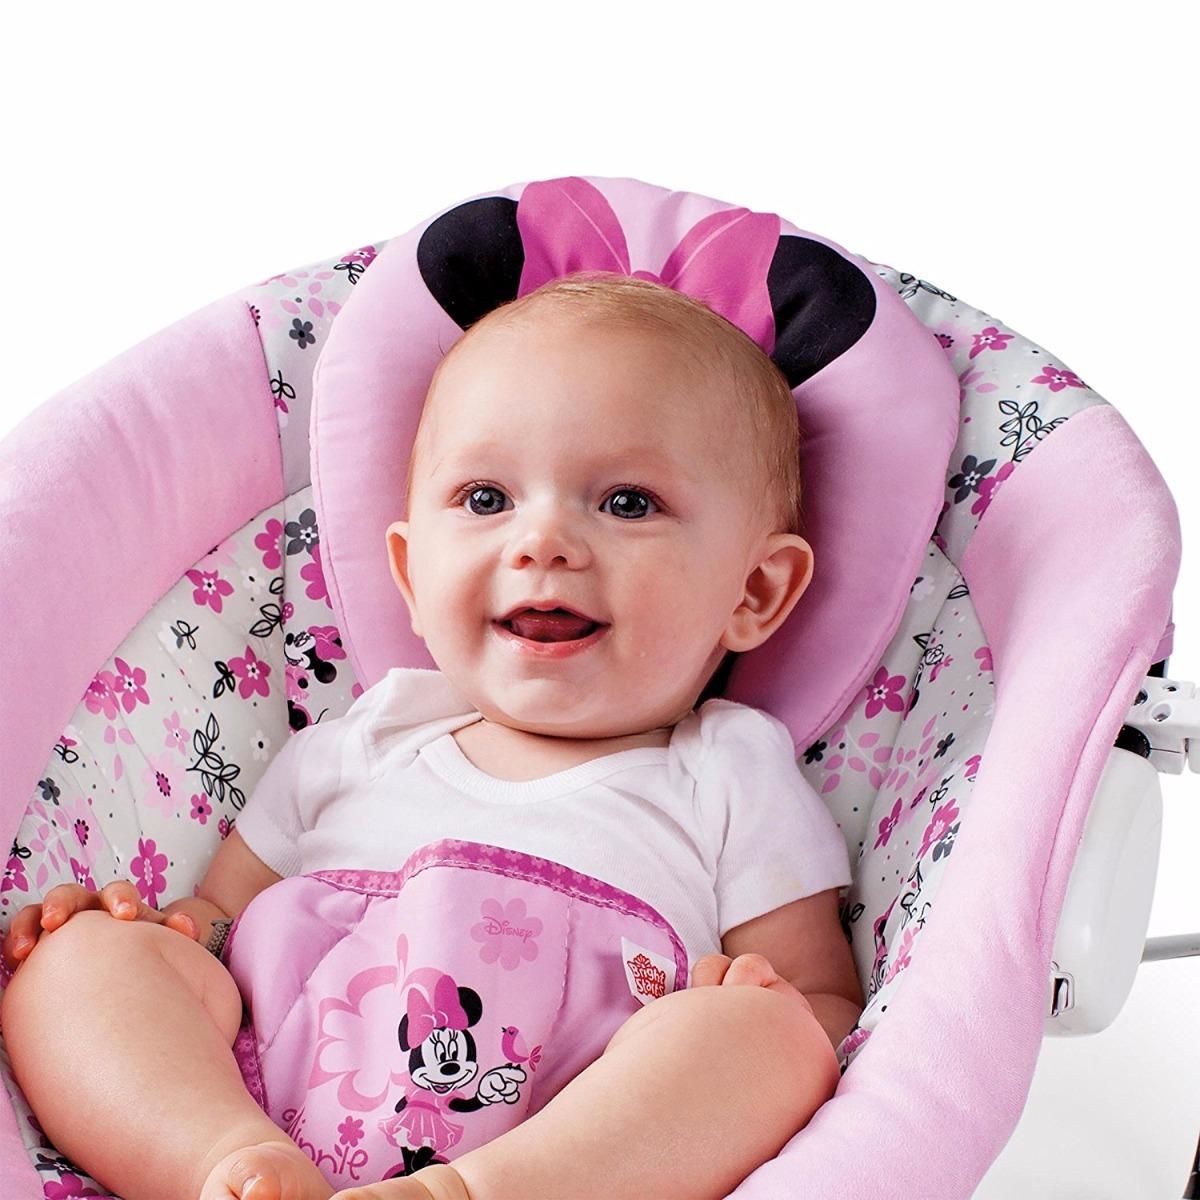 Silla Mesedora Para Bebe Minnie Mouse Mimi Mini Envio